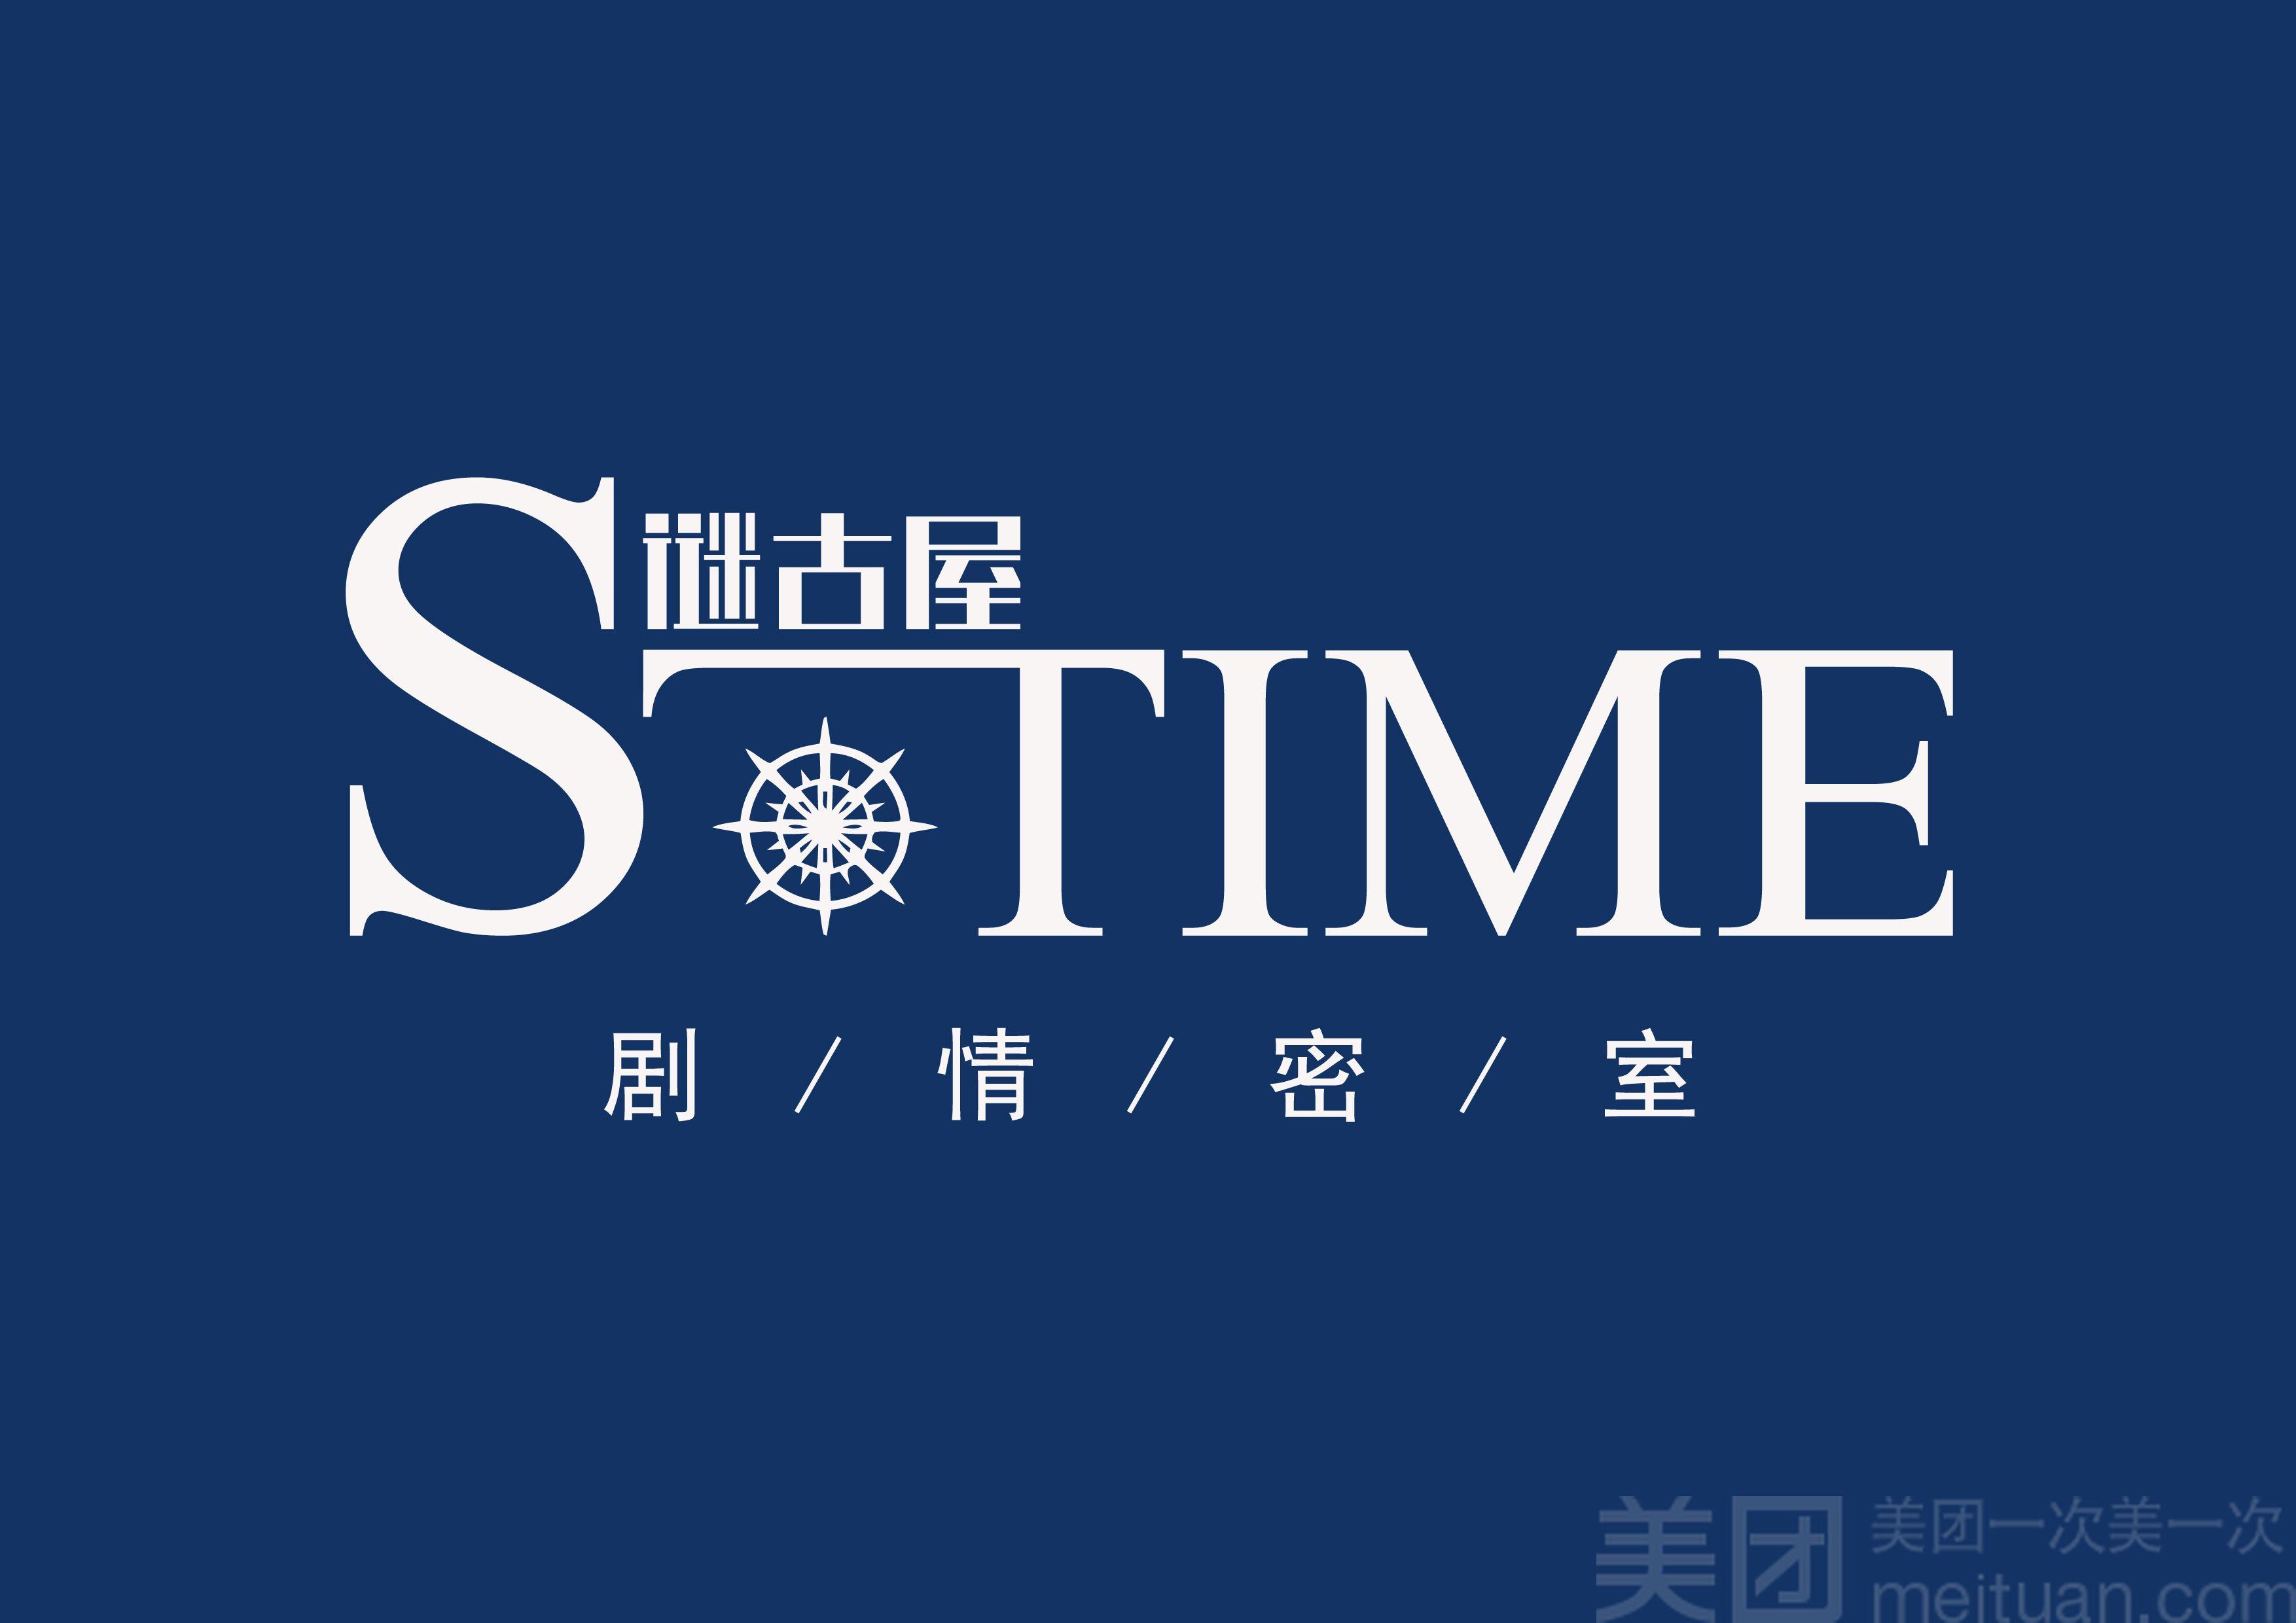 :长沙今日钱柜娱乐官网:【S-time真人密室】永宁镇谜案主题